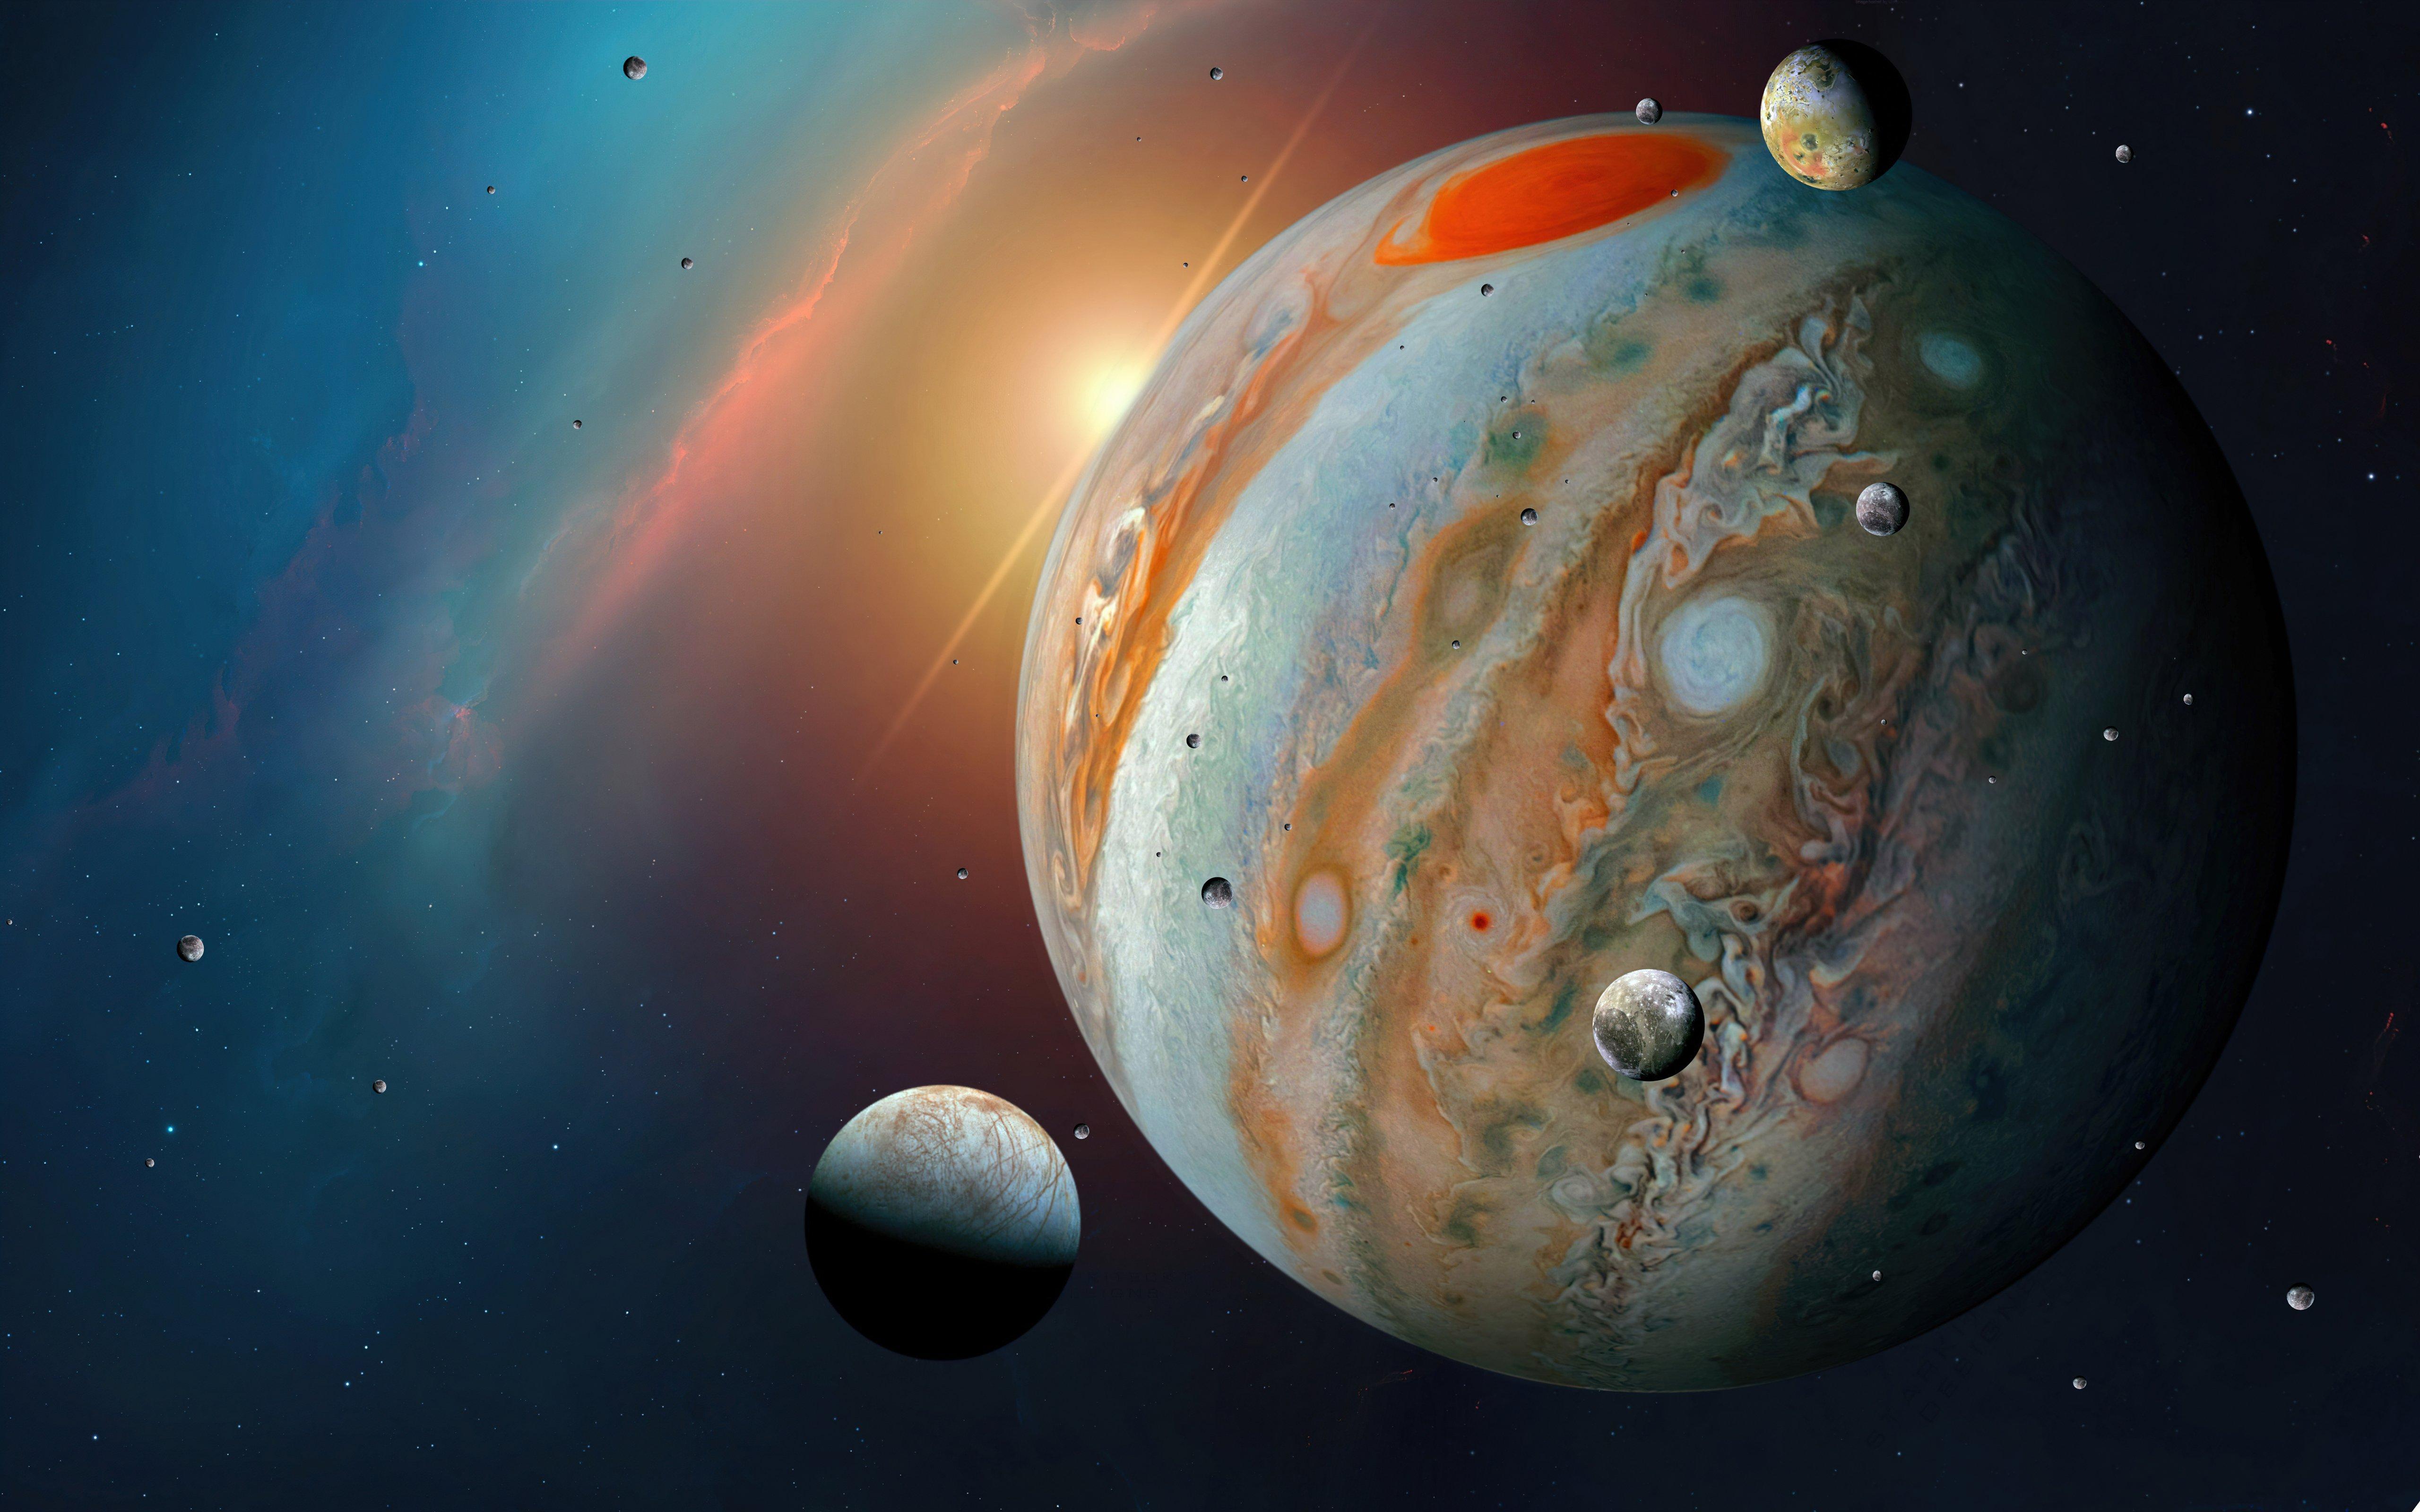 Wallpaper Jupiter and its moons